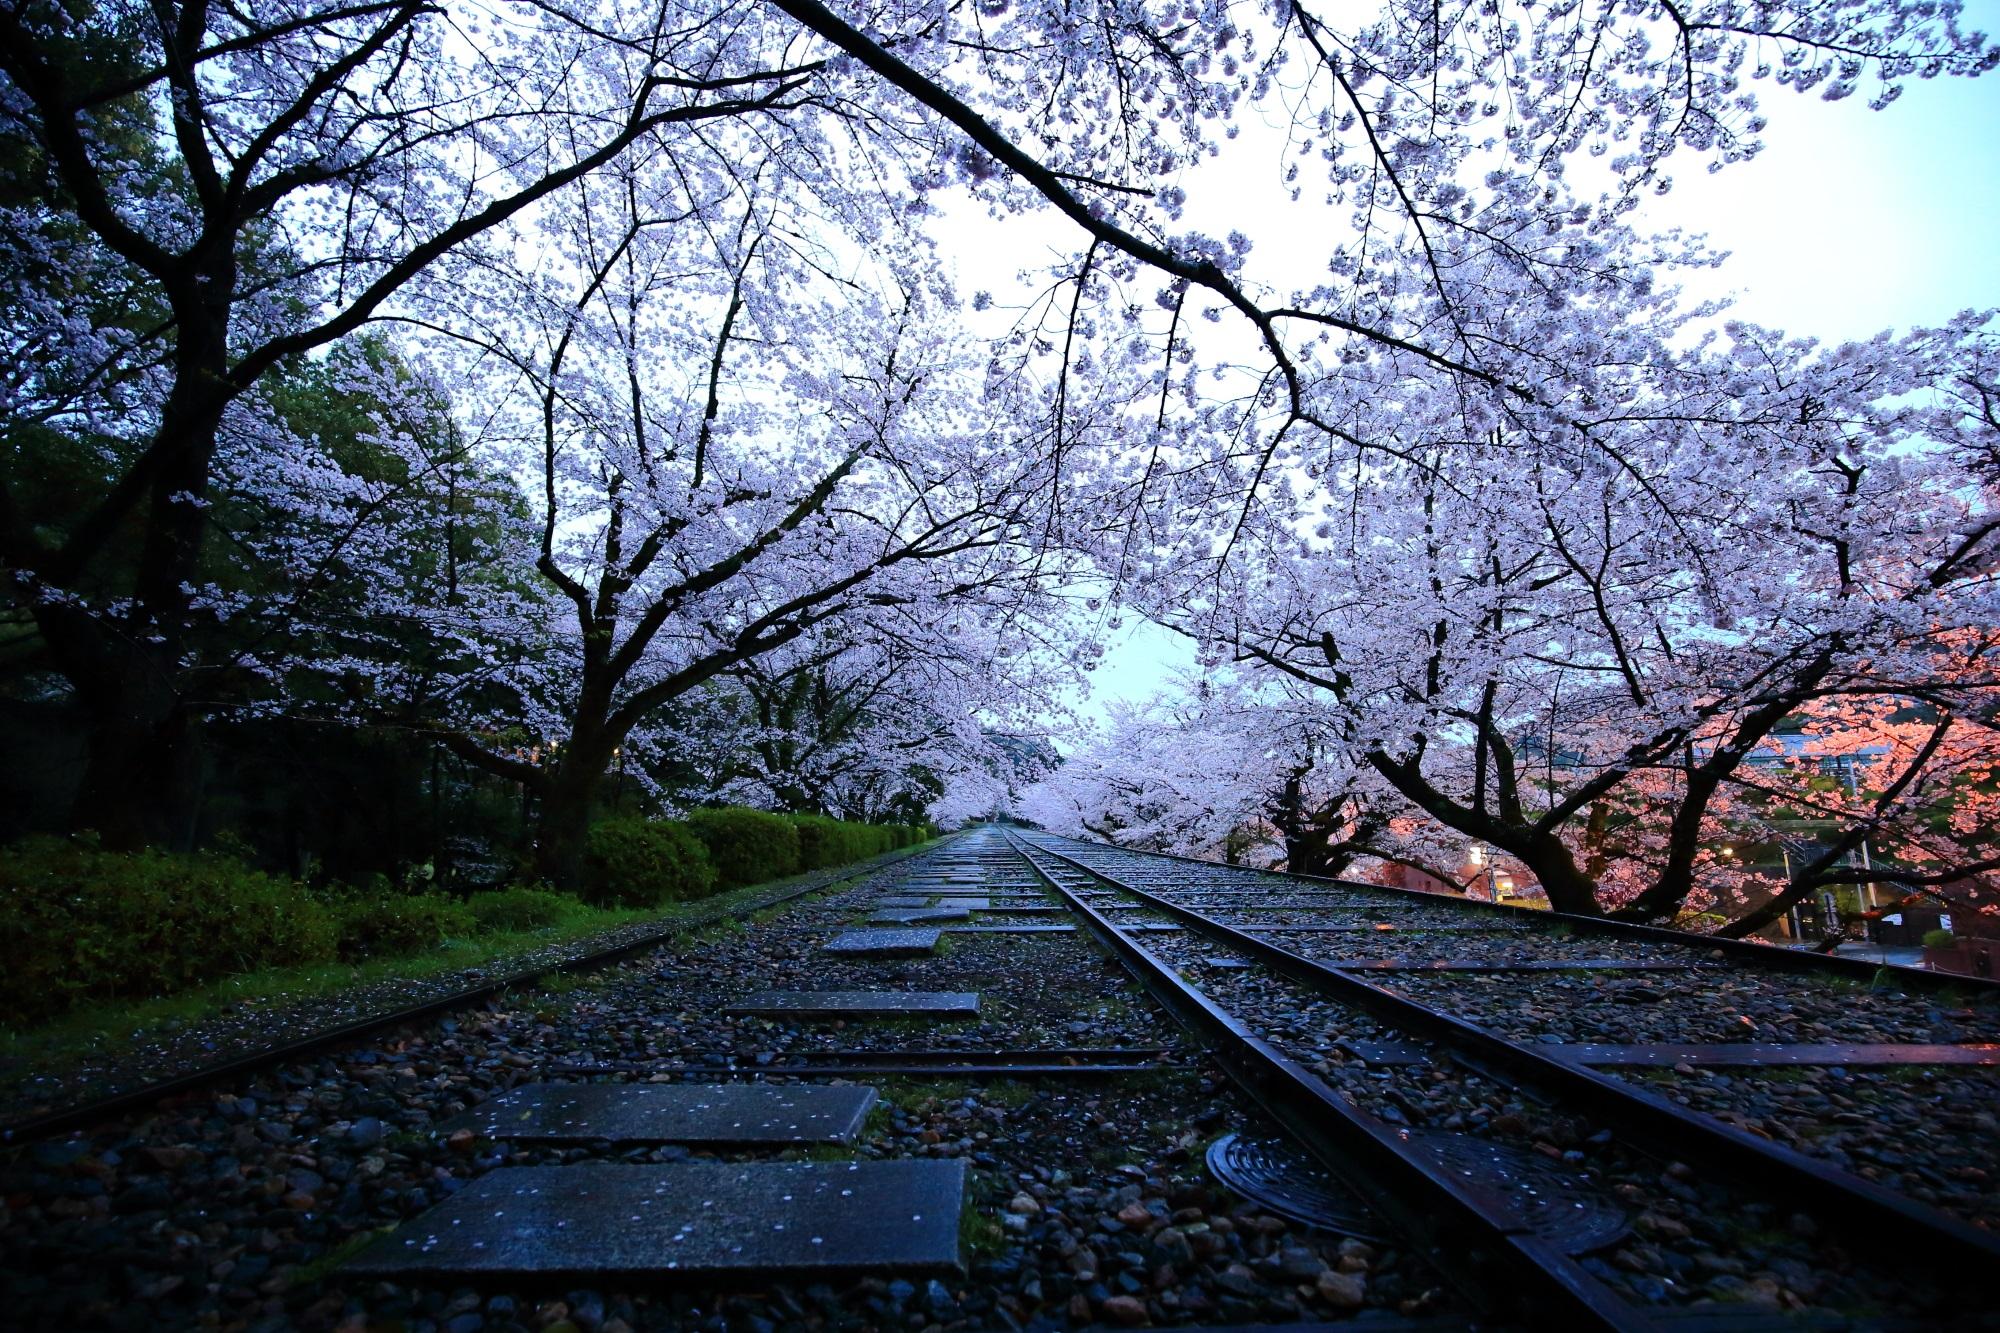 誰もいない線路と桜並木